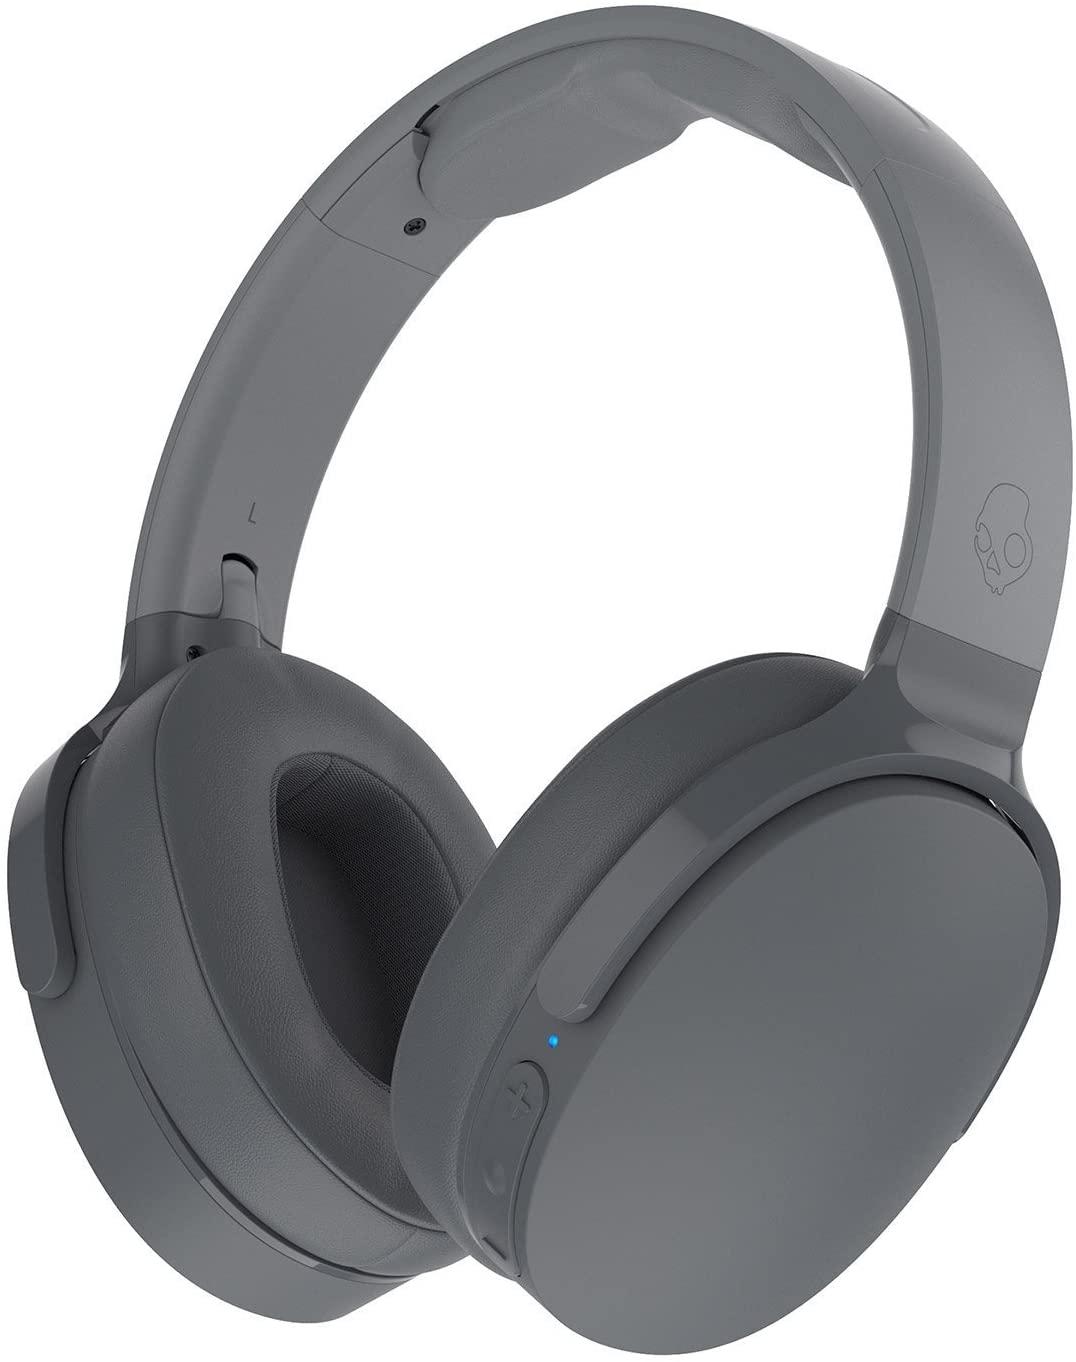 Auriculares Skullcandy Hesh 3 Over-Ear Bluetooth Inalámbricos con Micrófono Integrado, Batería de Carga Rápida con 22 Horas de Duración